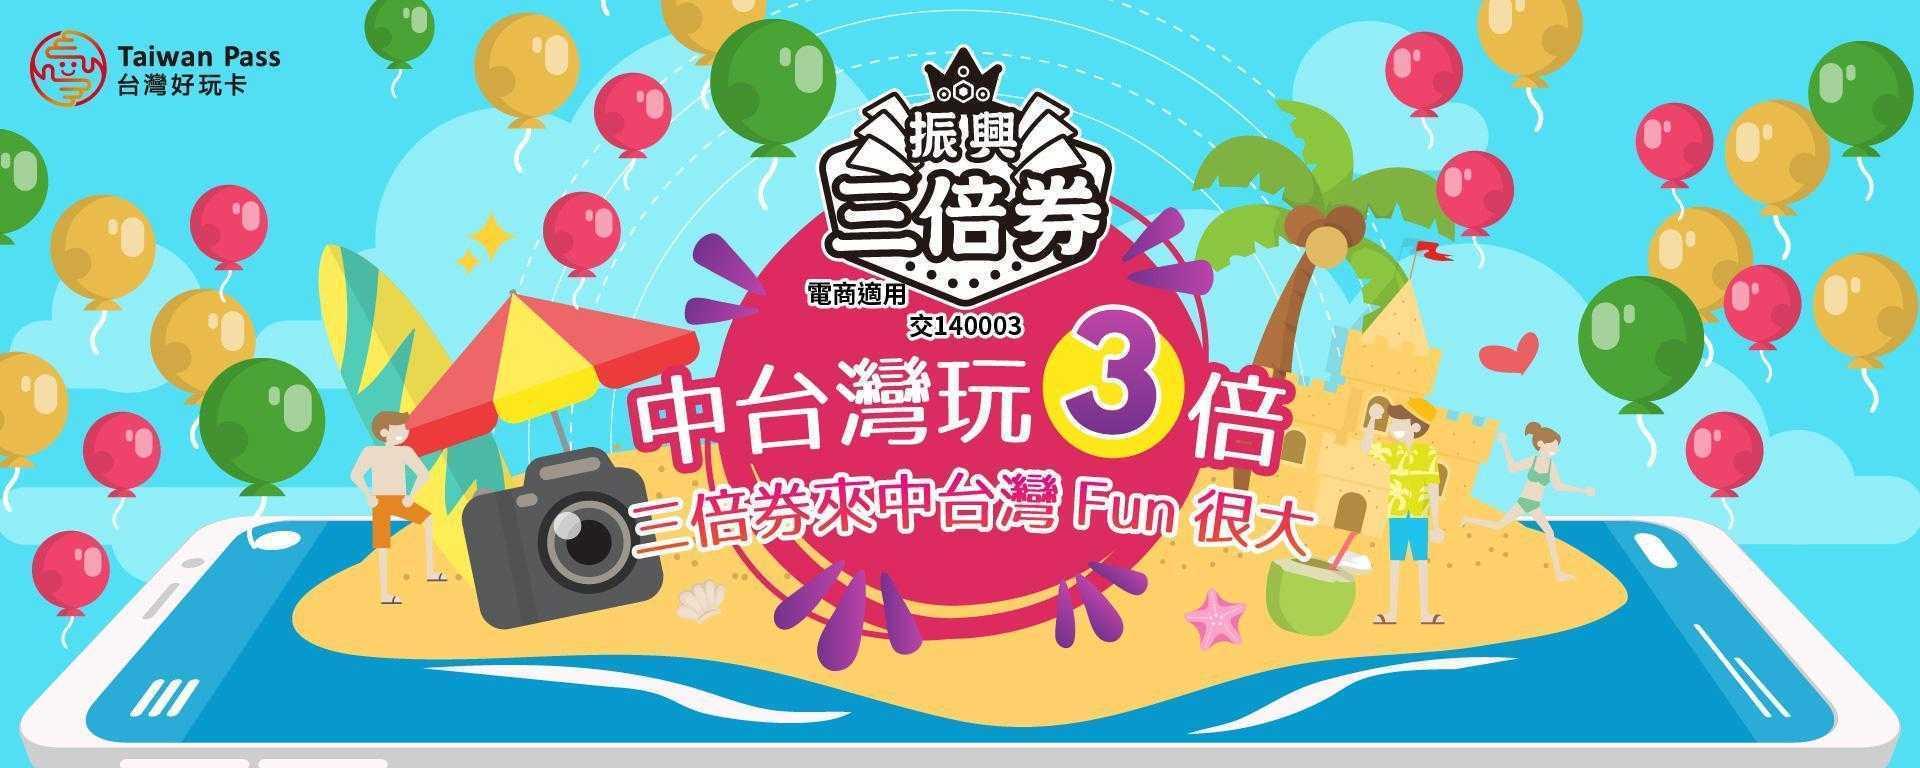 中台灣安心旅遊可使用振興數位三倍券購買熱門景點門票和旅遊套票